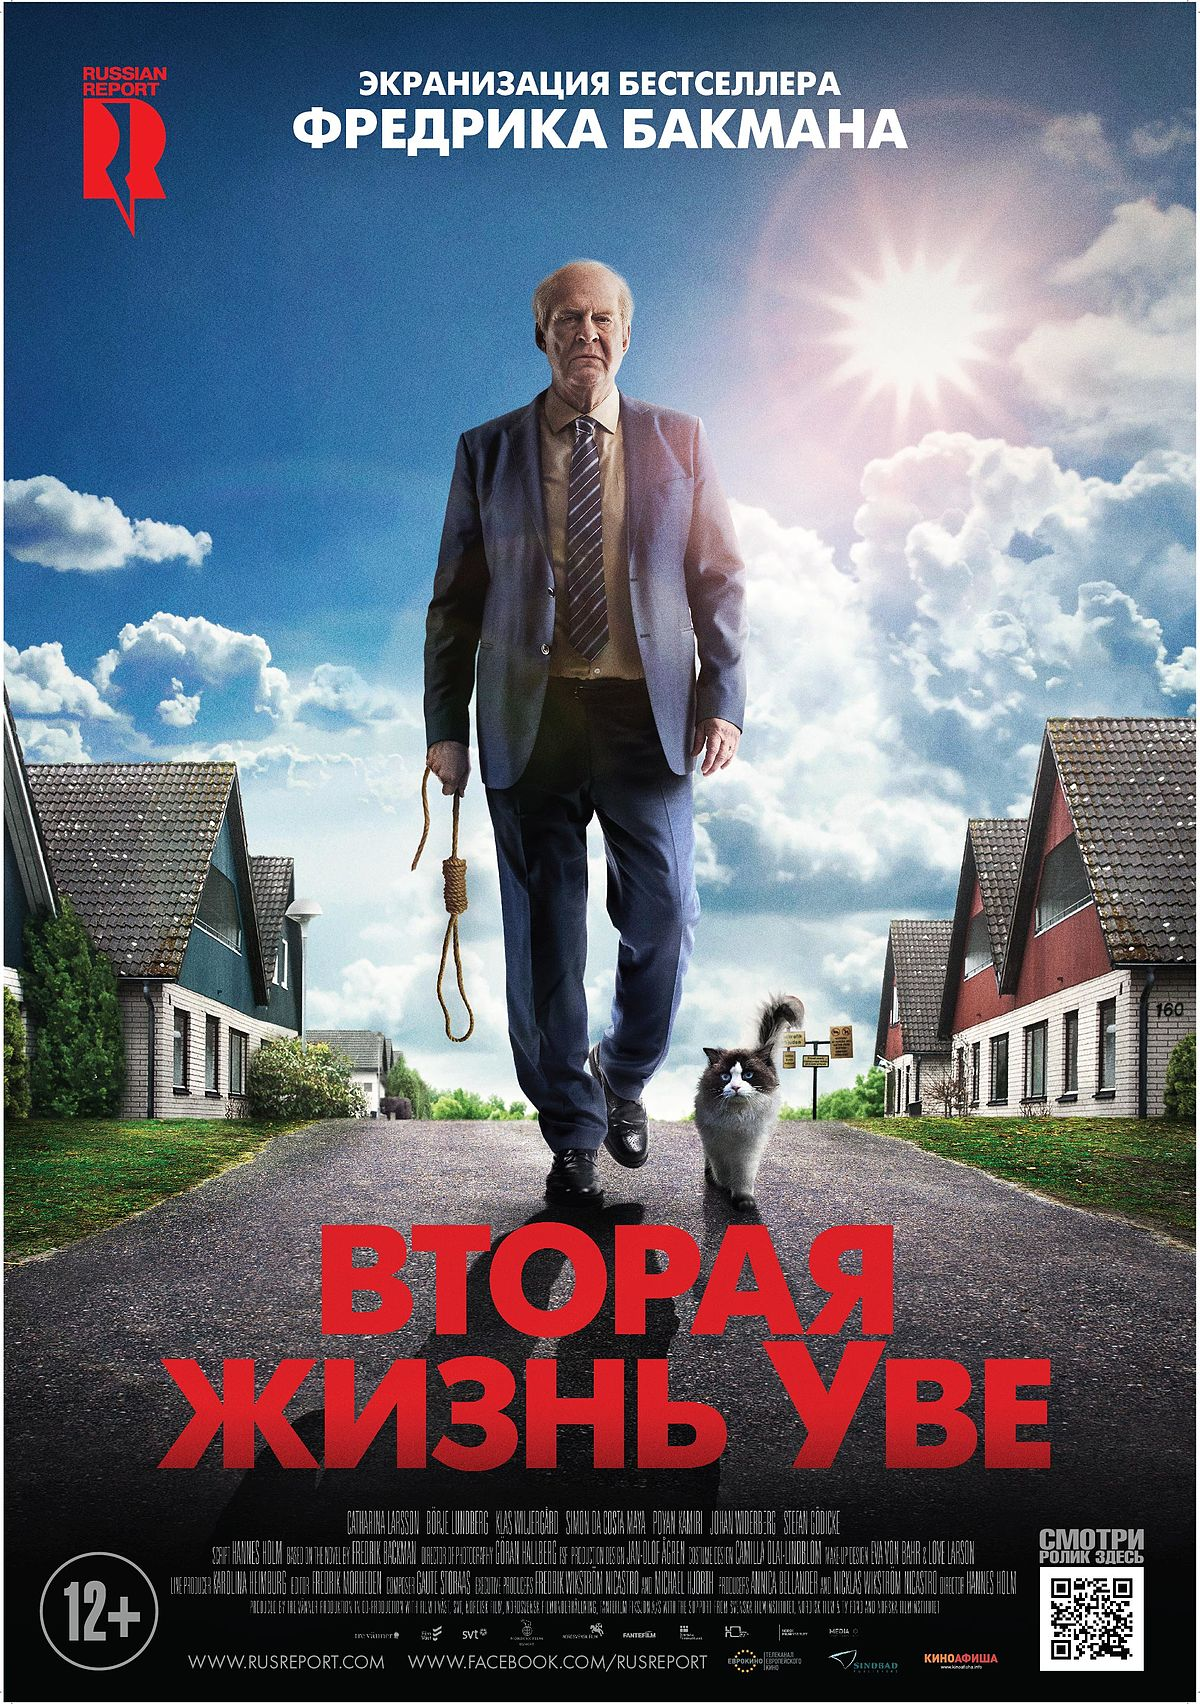 Вторая жизнь Уве (фильм)